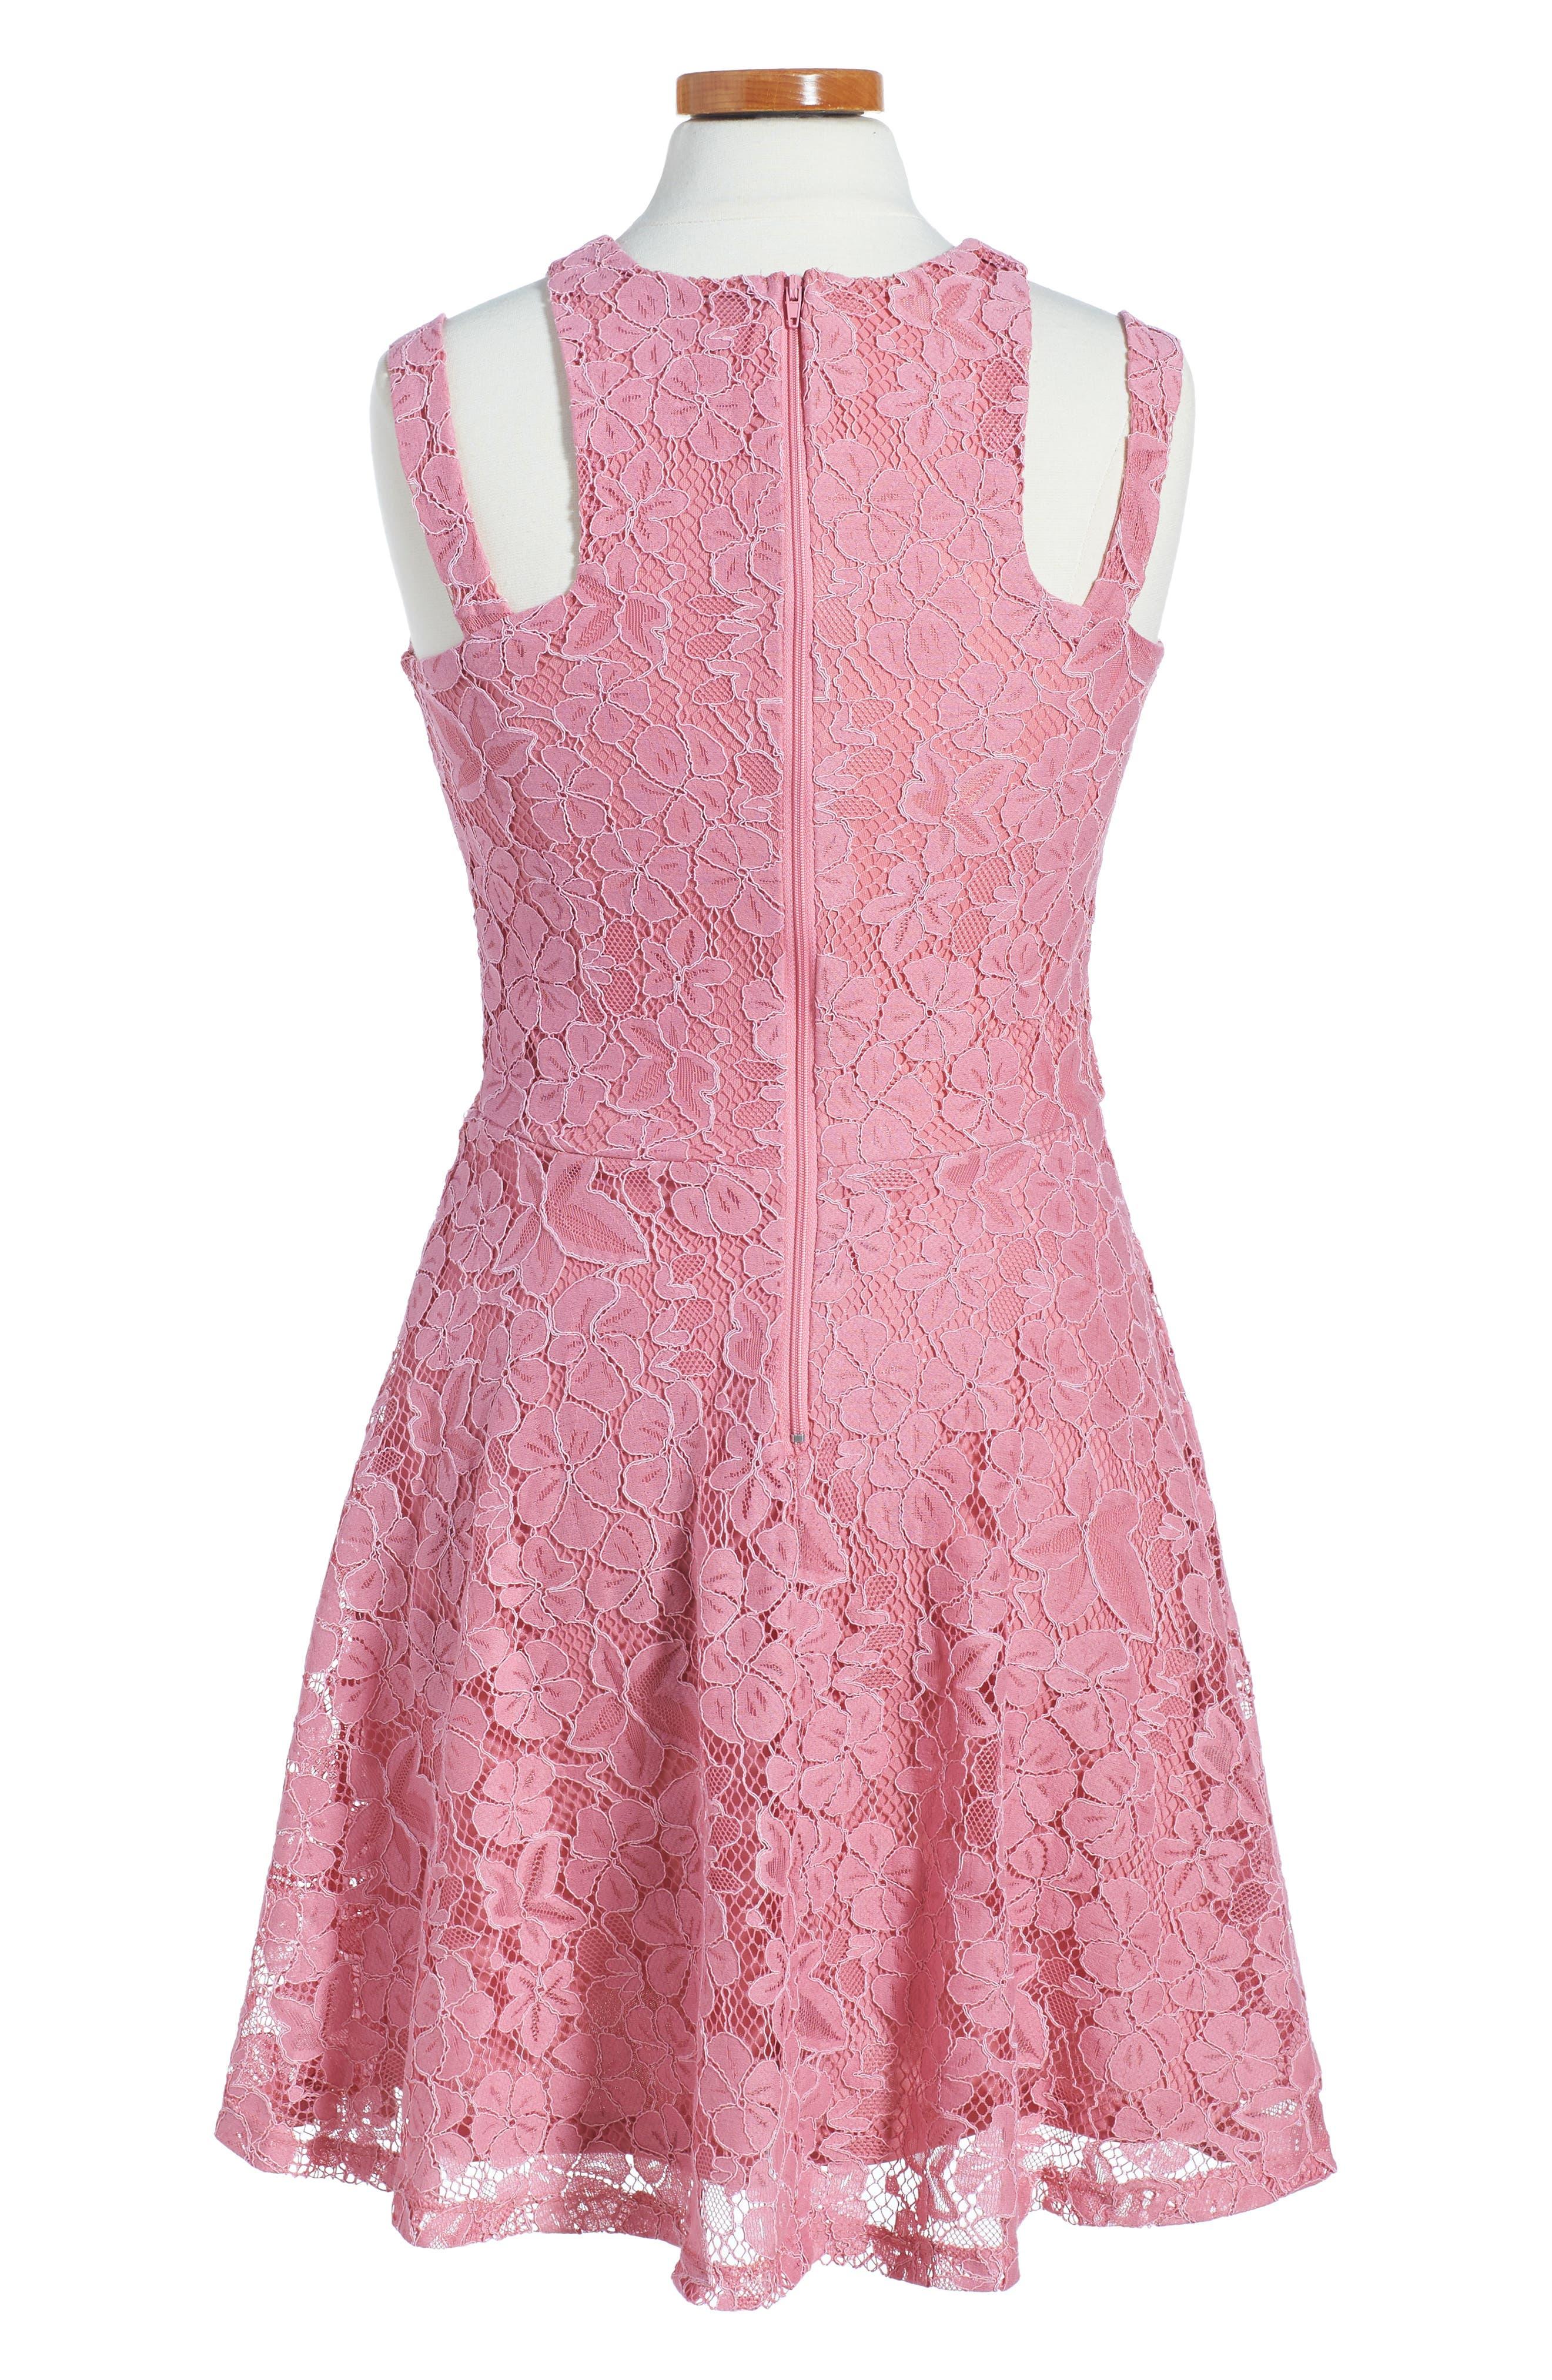 Alternate Image 2  - Penelope Tree Lace Sleeveless Dress (Big Girls)